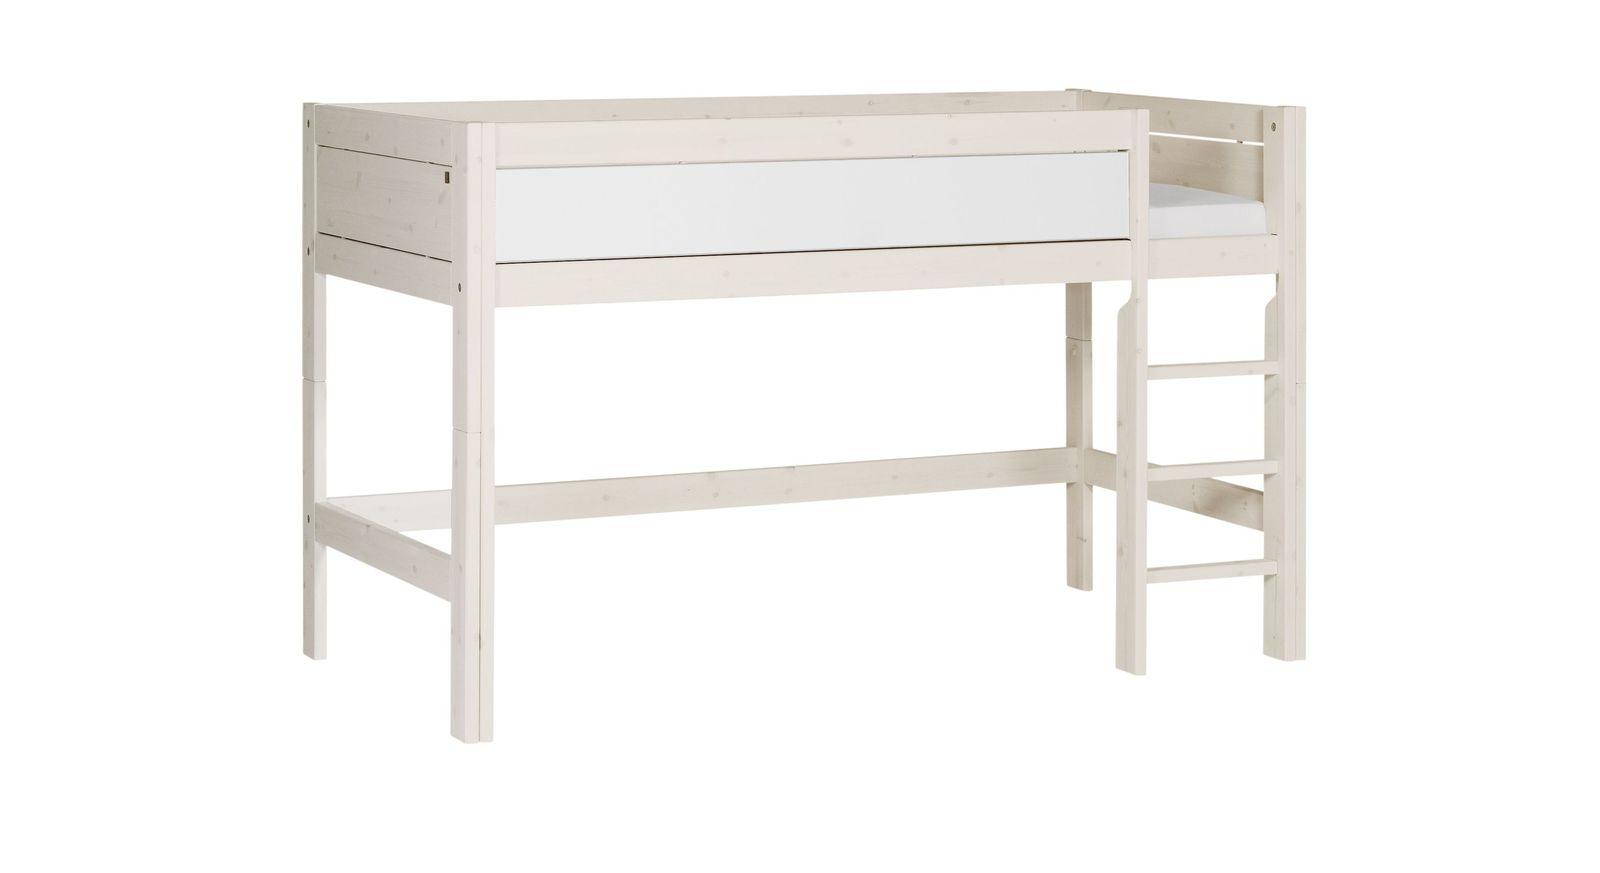 LIFETIME Midi-Hochbett Color mit weiß lackierter Frontfüllung